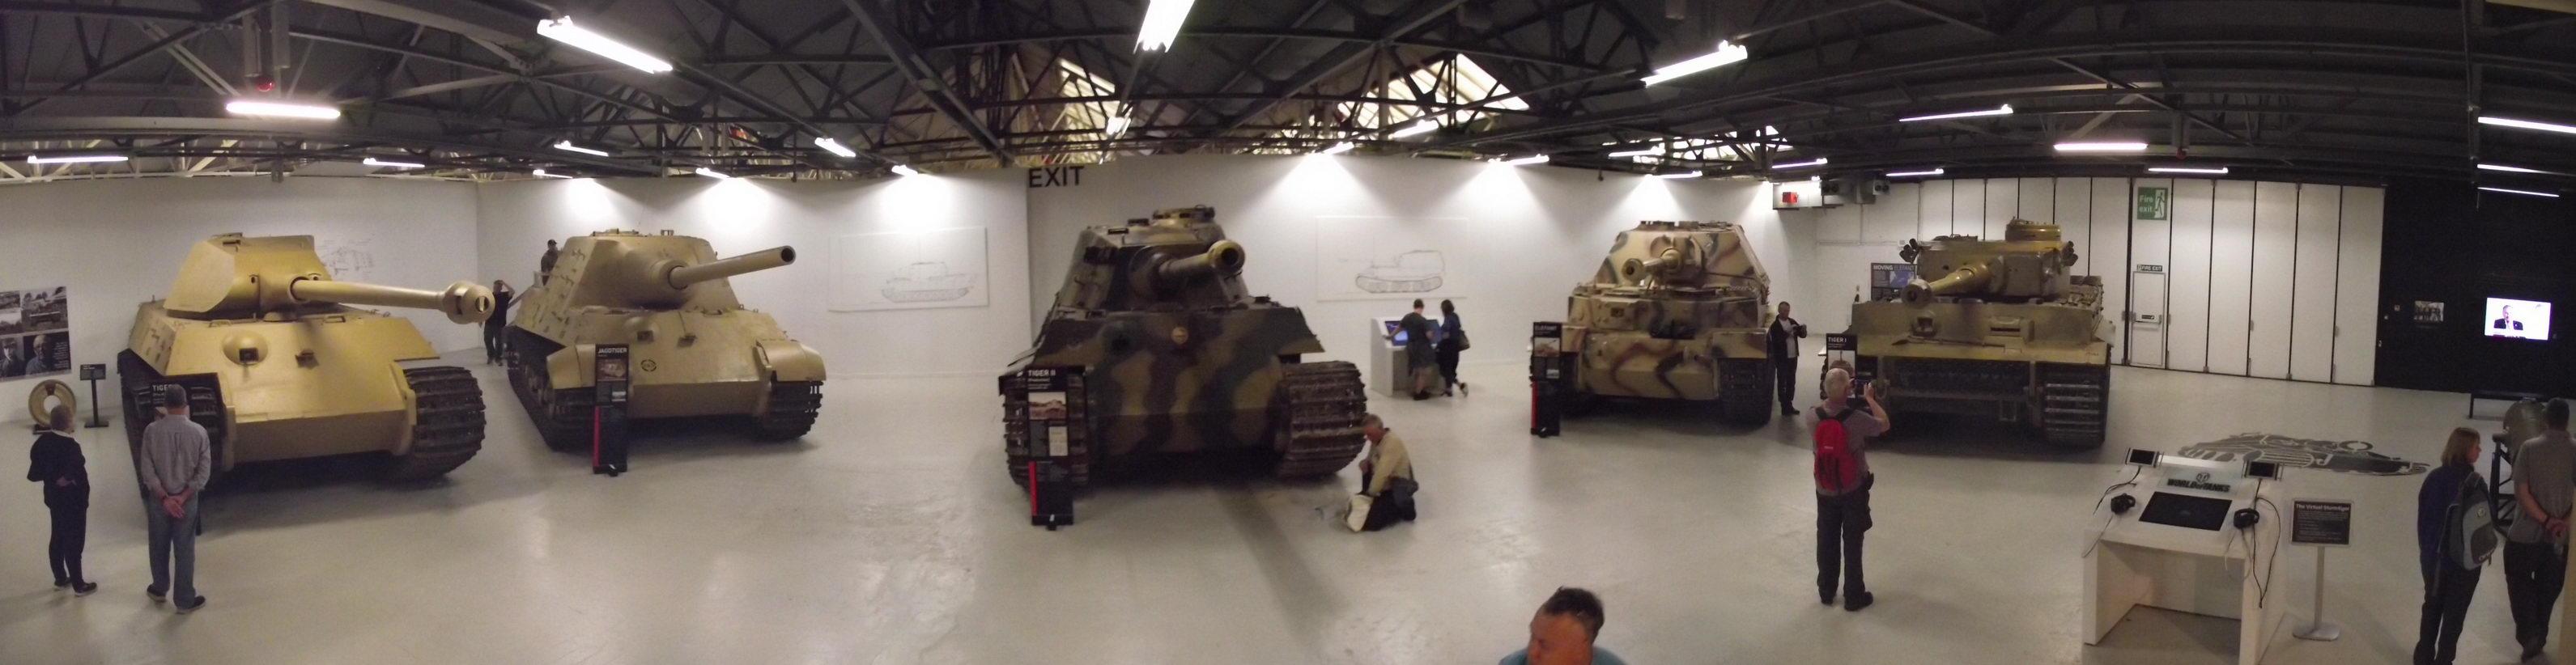 Tank_Museum_20180919_132.jpg